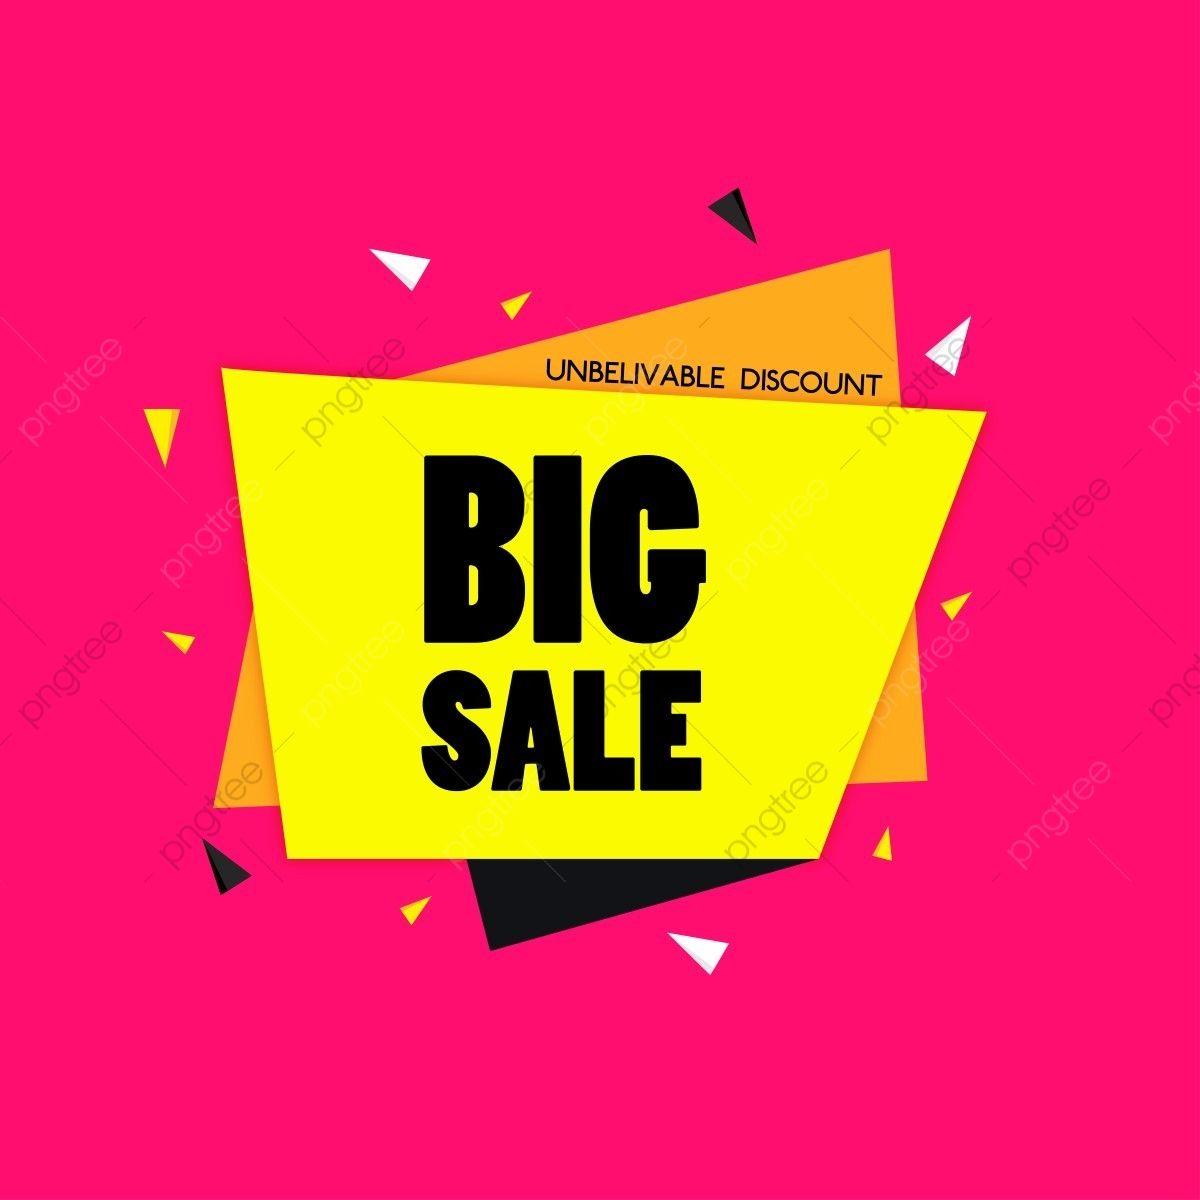 بيع سوبر بيع الايقونات عرض خاص بانر العلامة Eps10 ناقلات التوضيح Png والمتجهات للتحميل مجانا Super Sale Discount Sale Special Offer